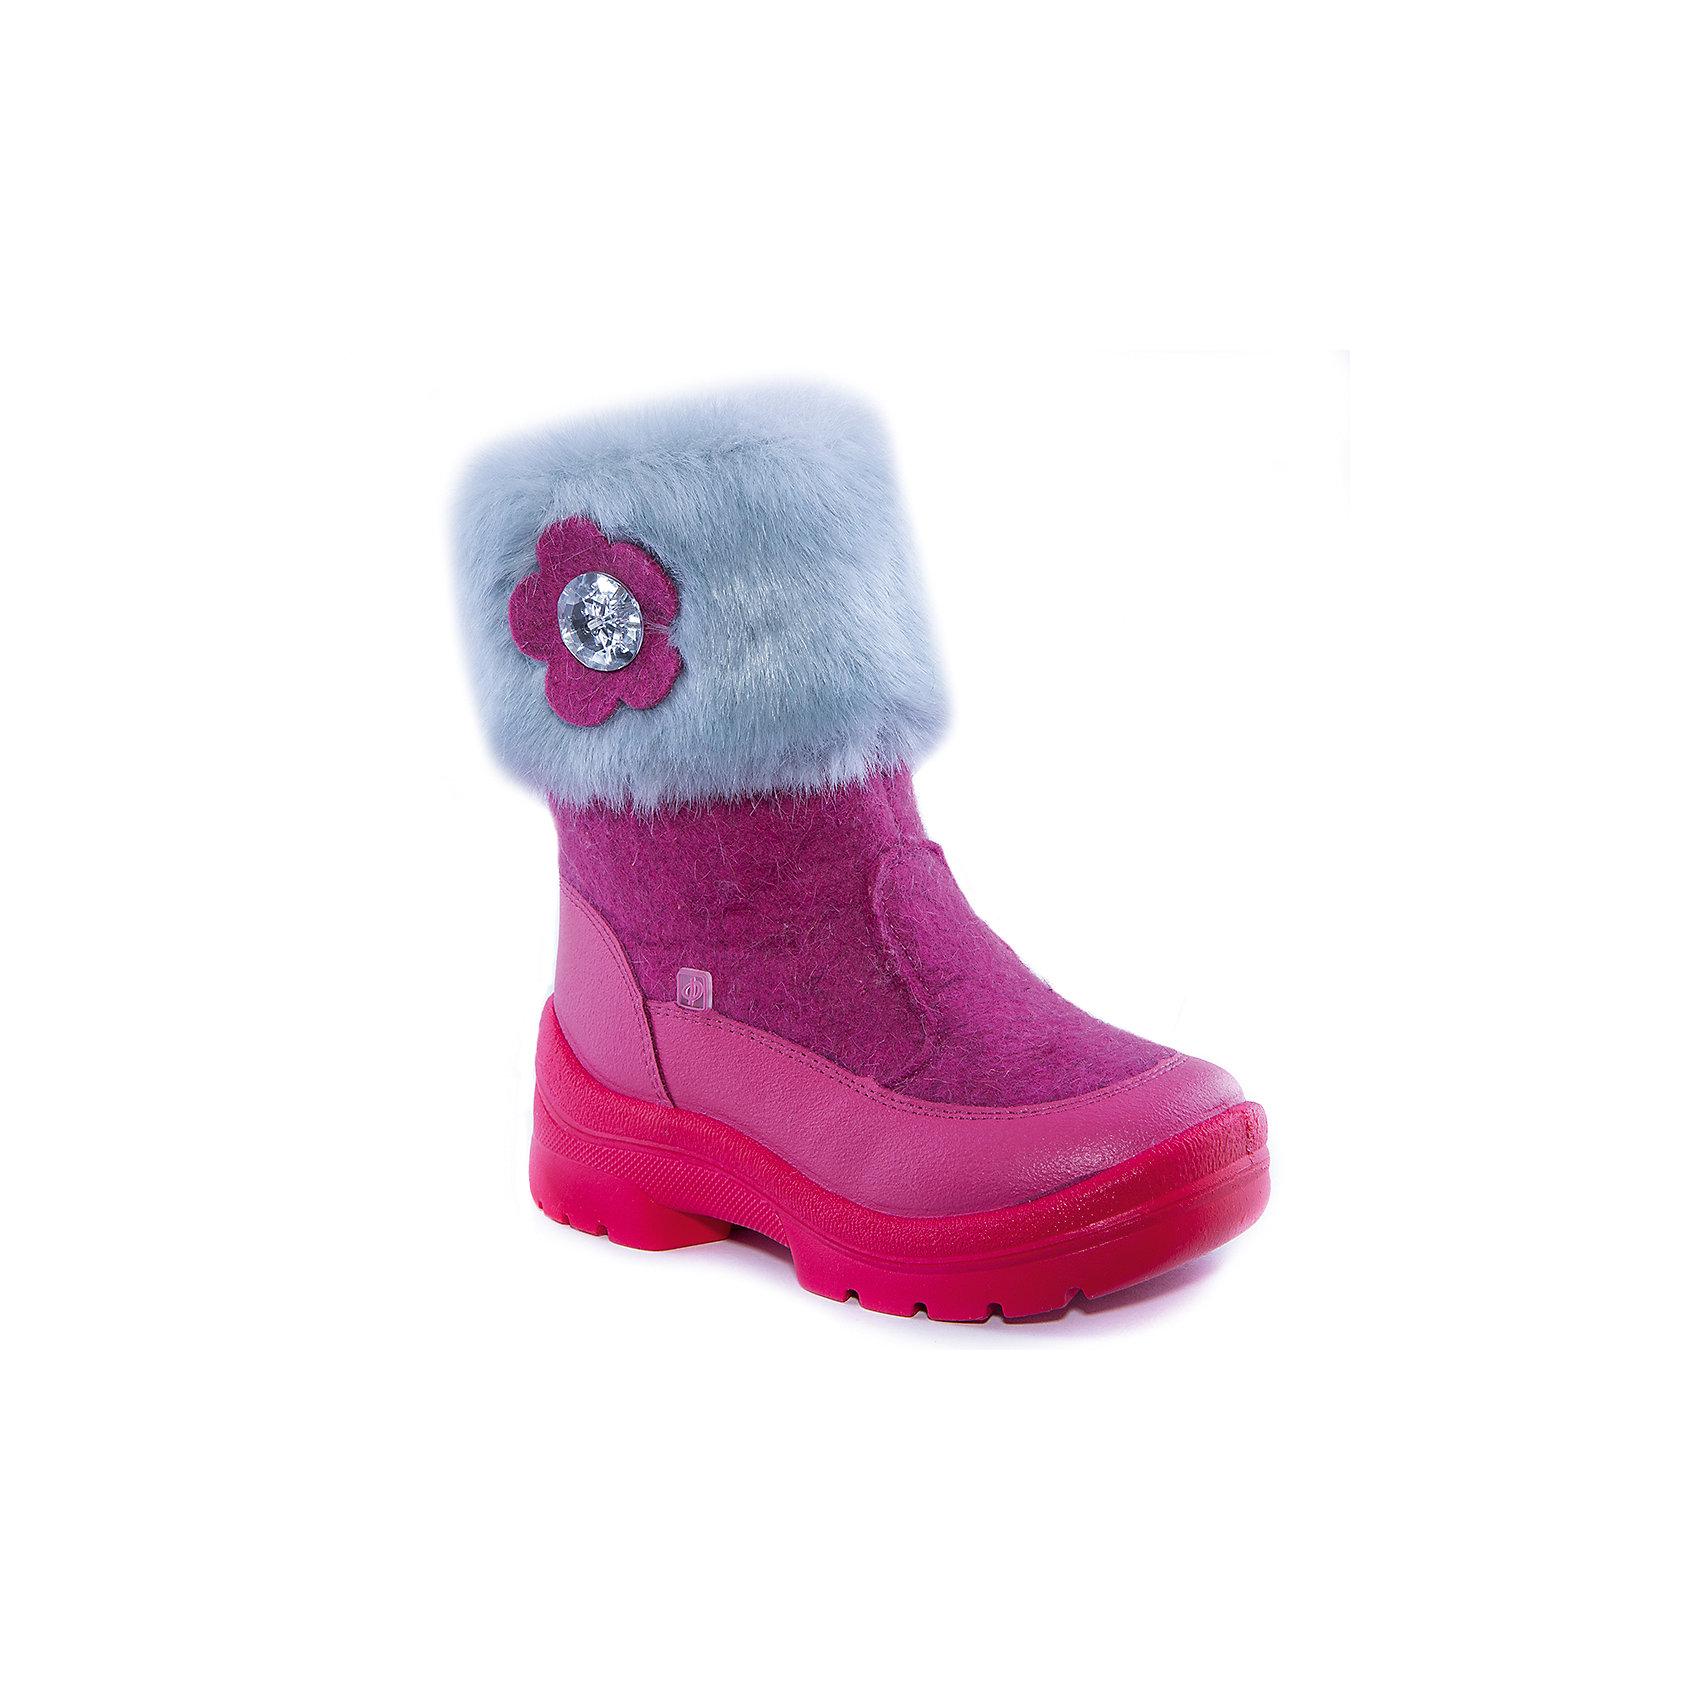 Валенки Клементина для девочки ФилипокВаленки<br>Характеристики товара:<br><br>• цвет: розовый<br>• температурный режим: от -5° С до -30° С<br>• внешний материал: эко-войлок (натуральная шерсть)<br>• подкладка: натуральная овечья шерсть<br>• стелька: шерстяной войлок (3,5 мм)<br>• подошва: литая, полиуретан<br>• декорированы искусственным мехом<br>• подошва с анти скользящей с системой протектора anti slip<br>• застежка: молния<br>• защита носка - натуральная кожа с износостойкой пропиткой<br>• усиленная пятка<br>• толстая устойчивая подошва<br>• страна бренда: РФ<br>• страна изготовитель: РФ<br><br>Очень теплые и удобные валенки для ребенка от известного бренда детской обуви Филипок созданы специально для русской зимы. Качественные материалы с пропиткой против попадания воды внутрь и модный дизайн понравятся и малышам и их родителям. Подошва и стелька обеспечат ребенку комфорт, сухость и тепло, позволяя в полной мере наслаждаться зимним отдыхом. Усиленная защита пятки и носка обеспечивает дополнительную безопасность детских ног в этих сапожках.<br>Эта красивая и удобная обувь прослужит долго благодаря отличному качеству. Производитель анти скользящее покрытие и амортизирующие свойства подошвы! Модель производится из качественных и проверенных материалов, которые безопасны для детей.<br><br>Валенки для девочки от бренда Филипок можно купить в нашем интернет-магазине.<br><br>Ширина мм: 257<br>Глубина мм: 180<br>Высота мм: 130<br>Вес г: 420<br>Цвет: розовый<br>Возраст от месяцев: 24<br>Возраст до месяцев: 24<br>Пол: Женский<br>Возраст: Детский<br>Размер: 25,24,28,31,32,30,29,27,26<br>SKU: 4207298